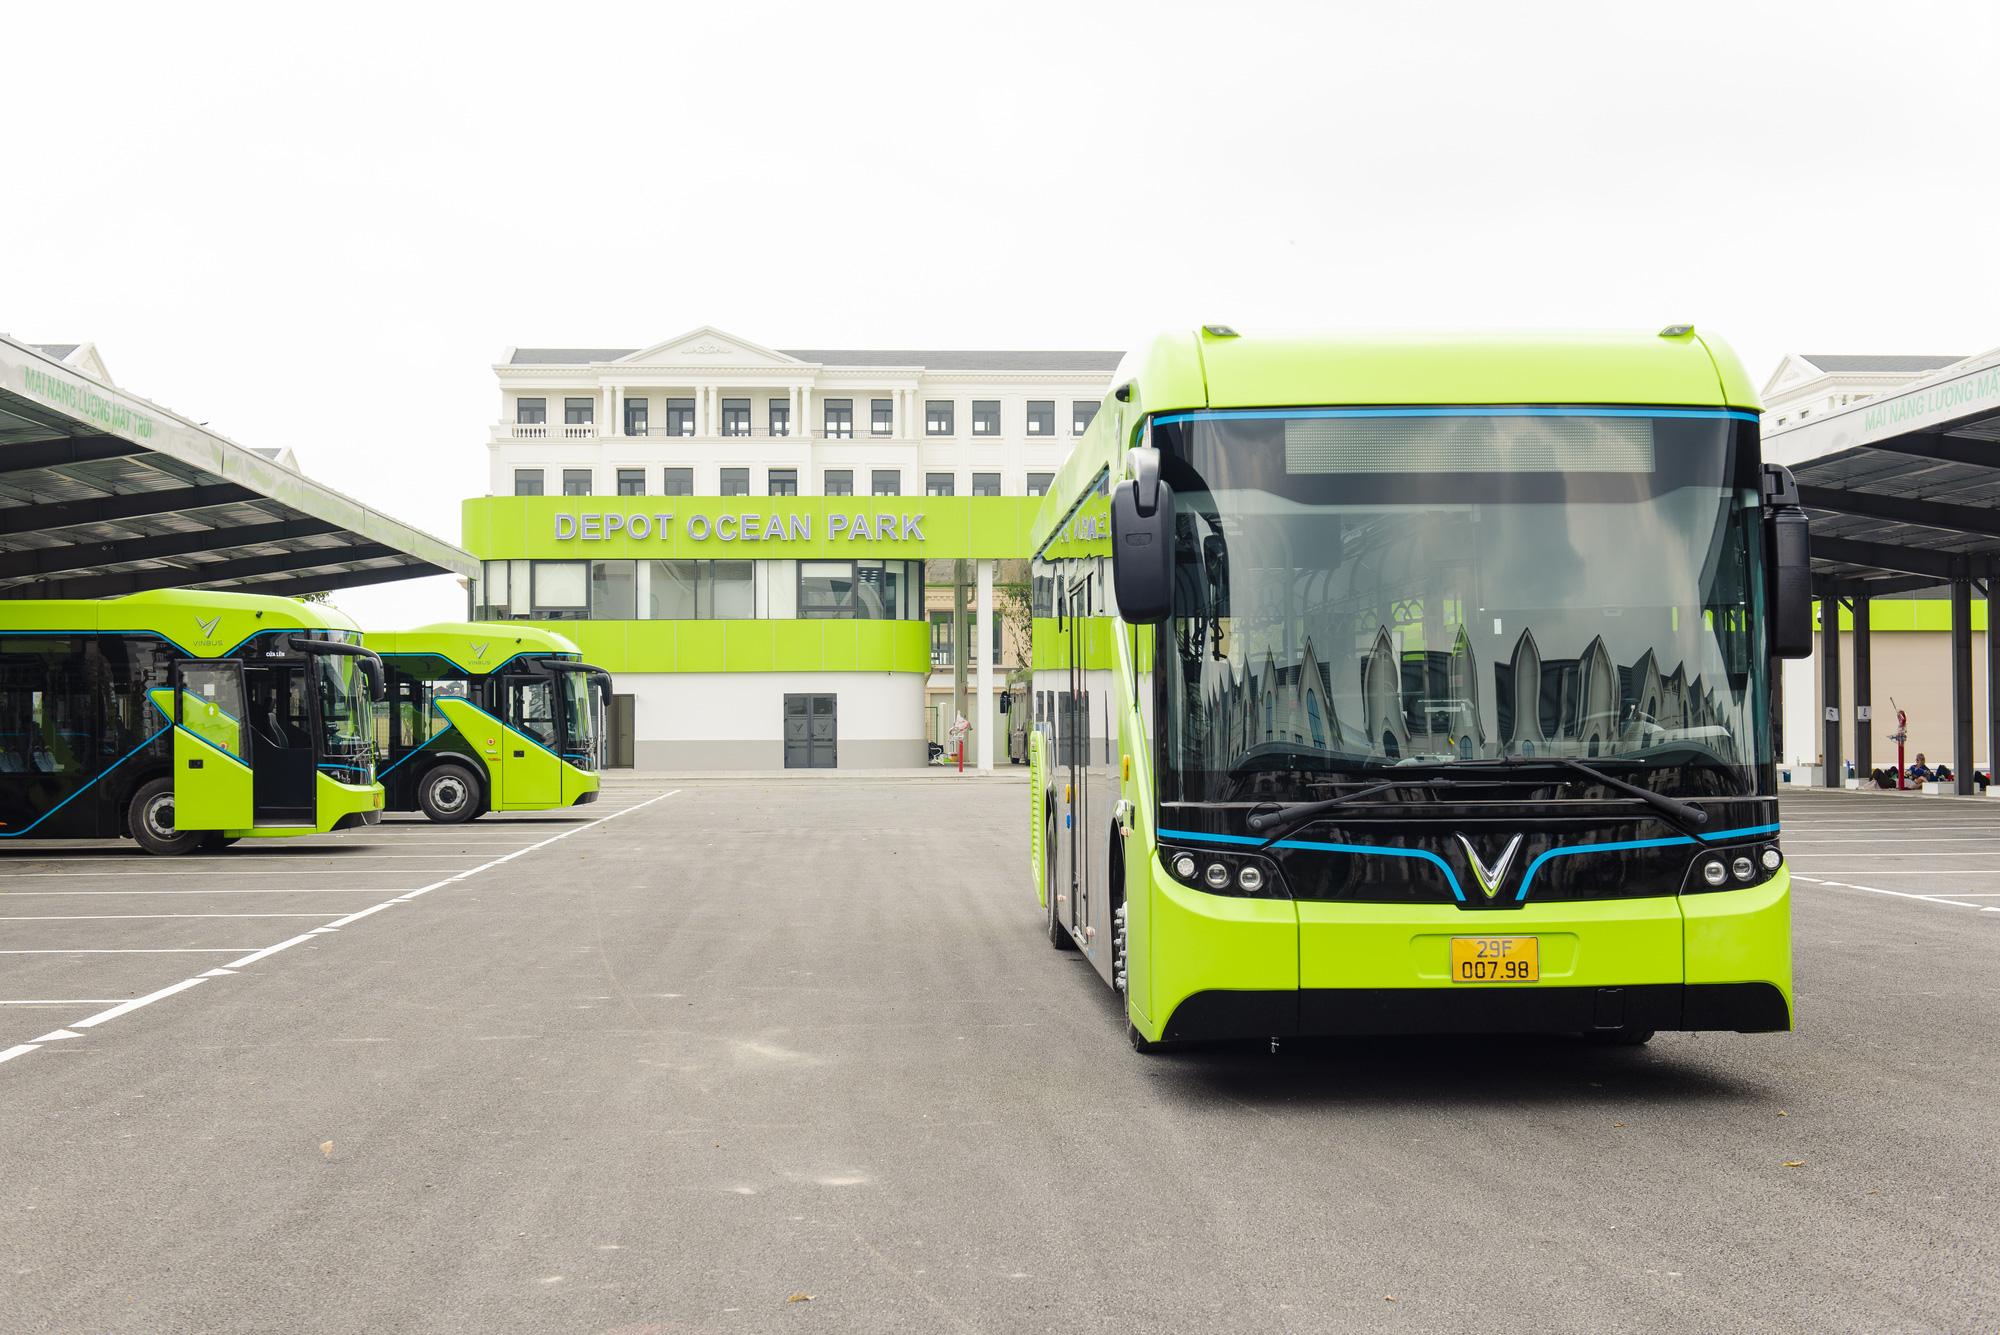 Cận cảnh xe buýt điện VinFast lăn bánh tại Hà Nội, có gì đặc biệt? - Ảnh 2.